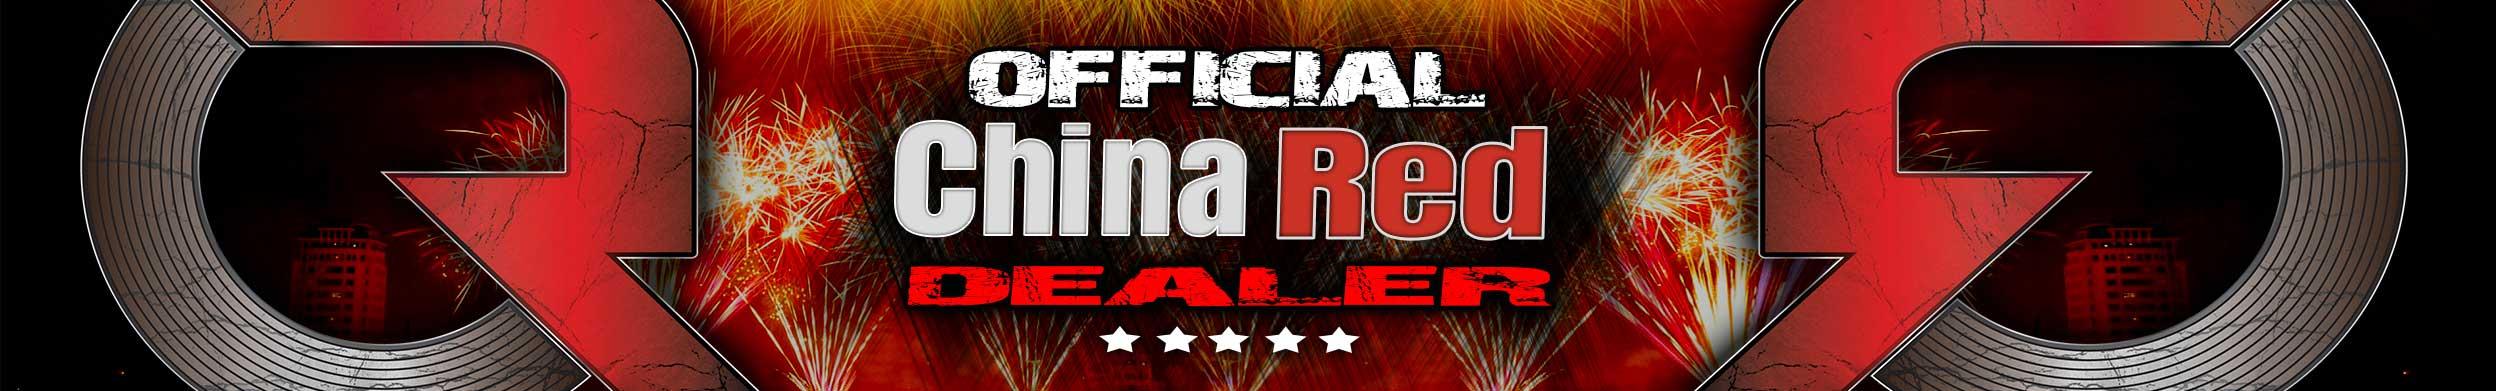 Verbakel Vuurwerk is official China Red Dealer